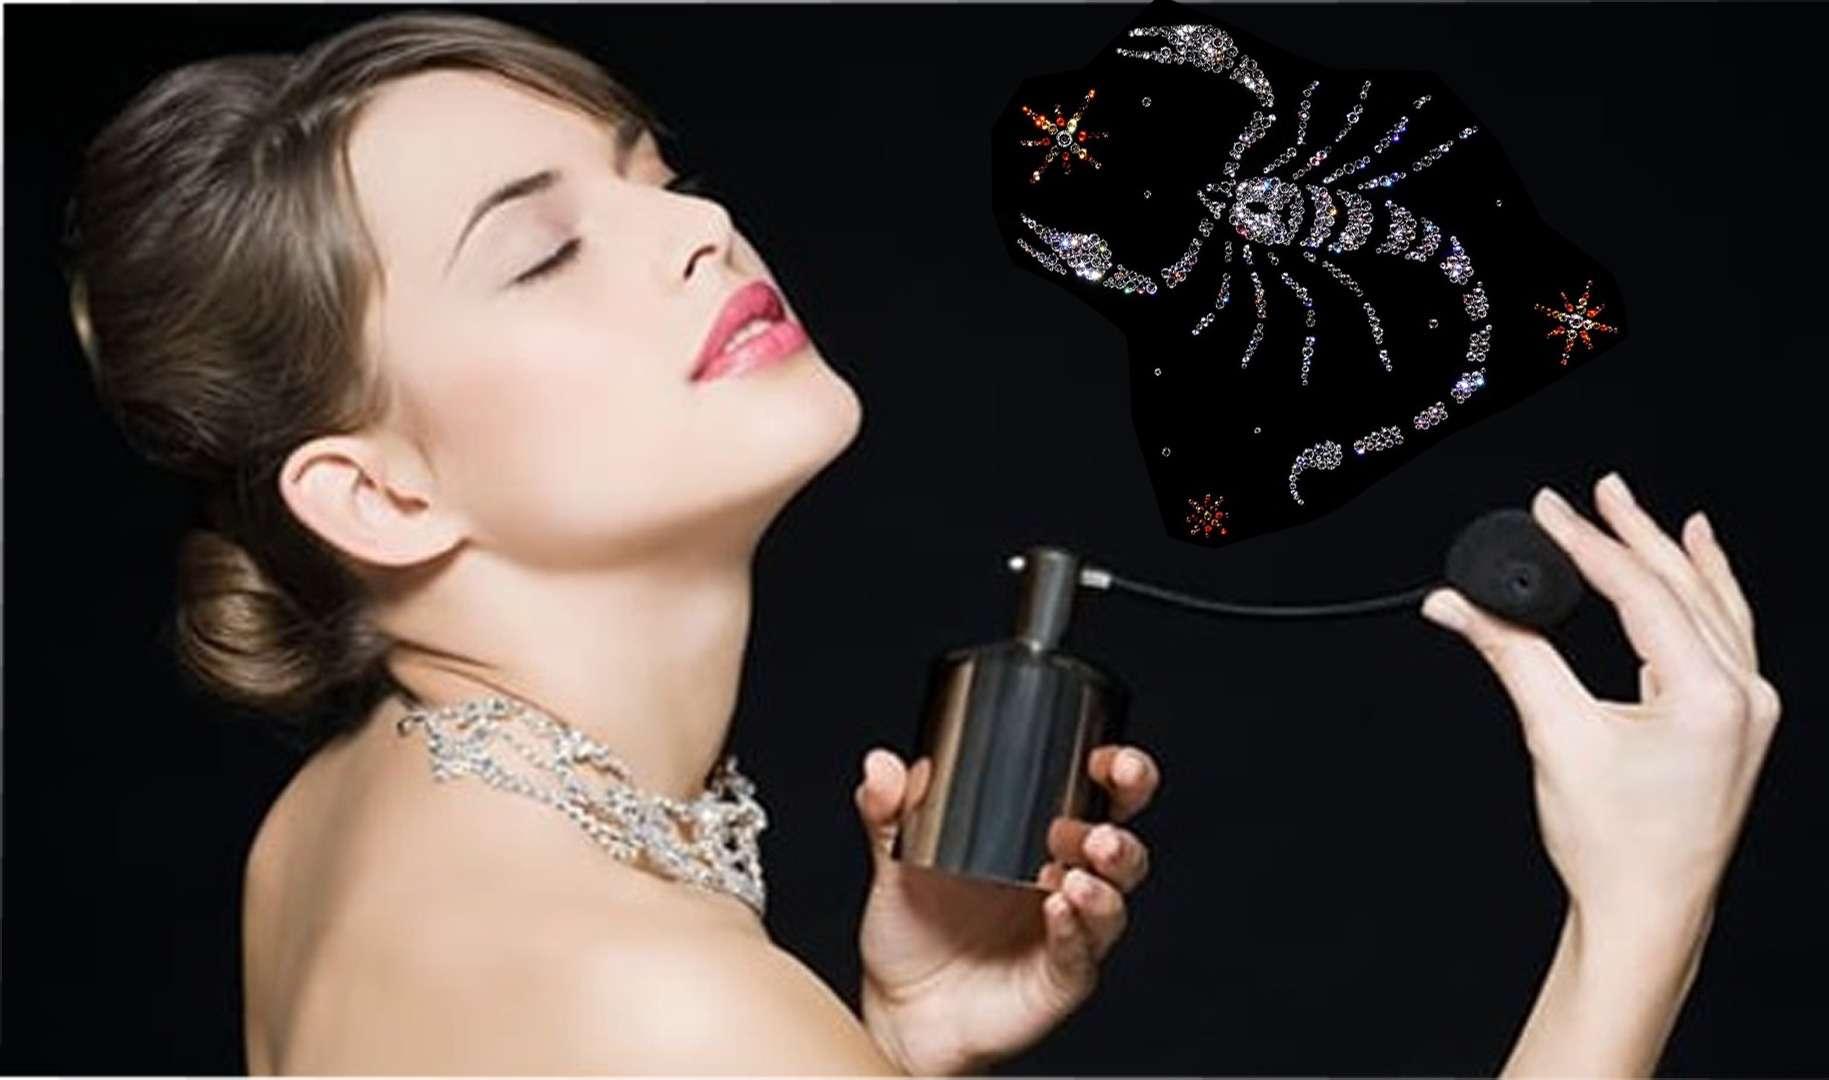 Парфюмерные советы. Идеальный аромат для женщины Скорпиона